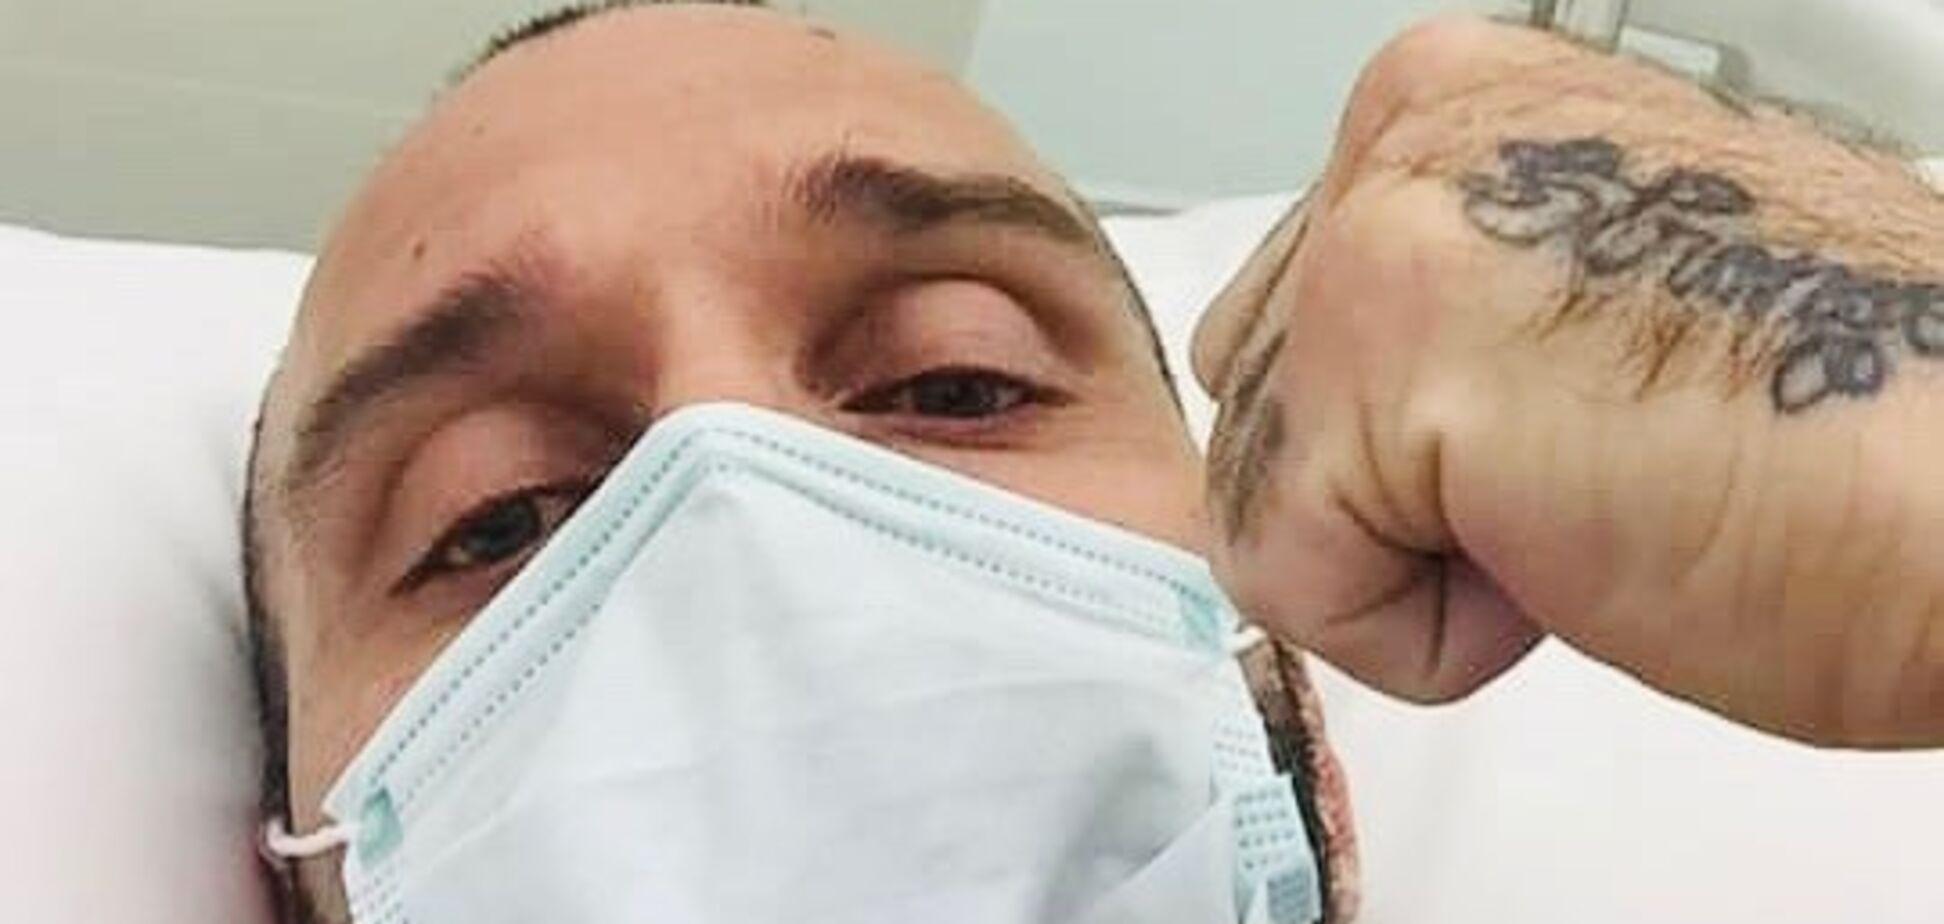 'Хуже, чем круги ада': боец MMA рассказал, что чувствует после заражения коронавирусом